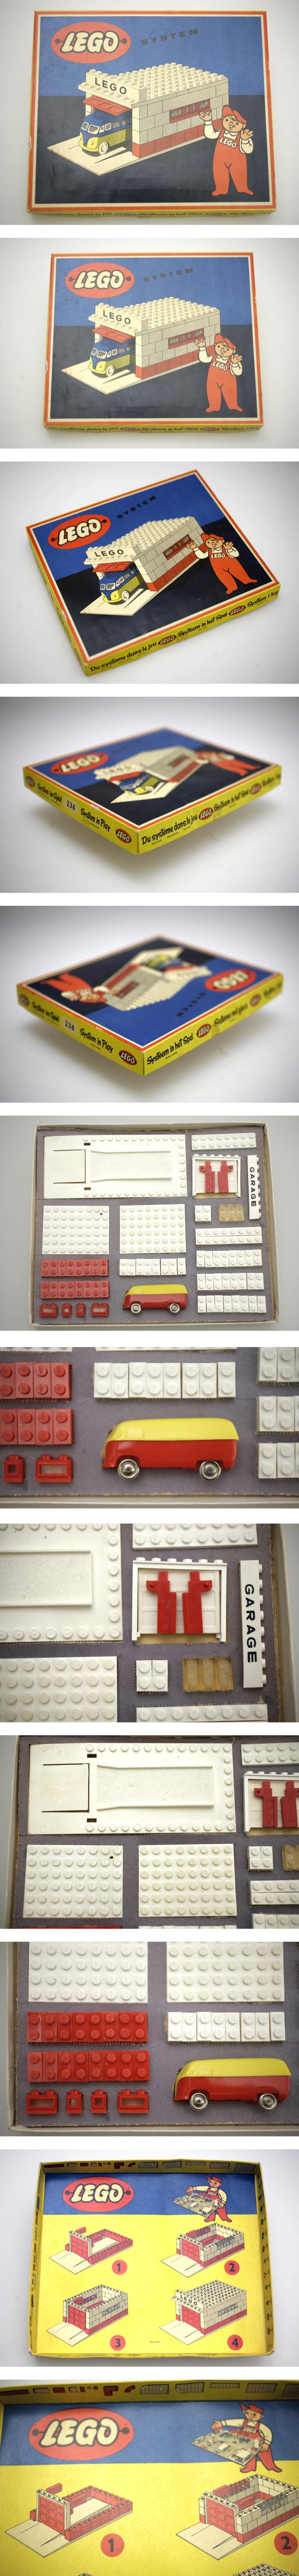 LEGO SET 236 from 1957 A true vintage gem! For Sale NOW on EBAY.DE